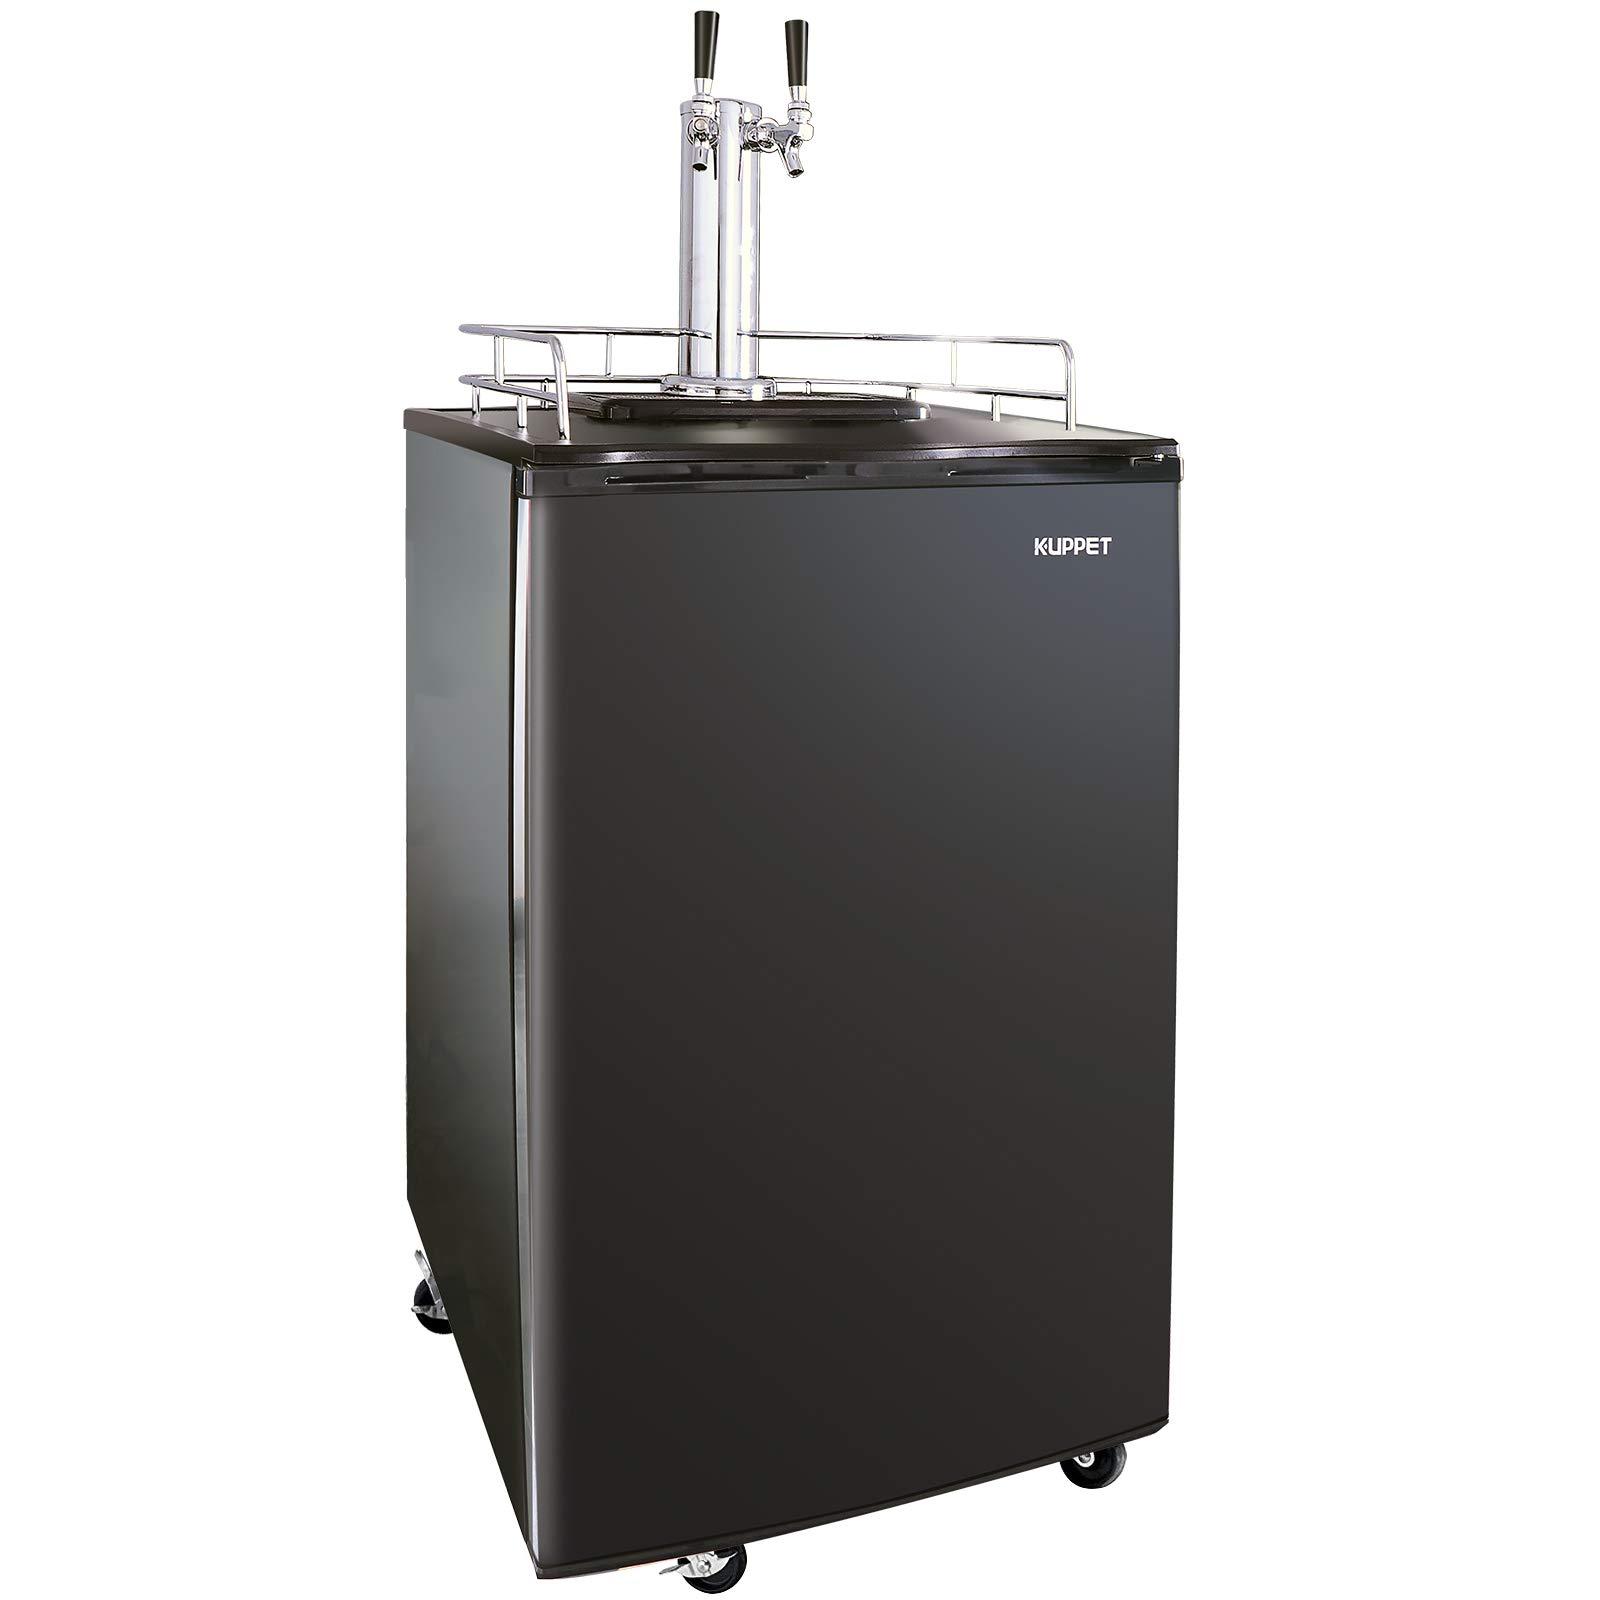 KUPPET Full Size Kegerator& Draft Beer Dispenser, Beer Kegerator, Keg Beer Cooler for Party, Compressor Cooling CO2 Regulator Casters, Dual Tap, Black, 6.0 Cu.ft.